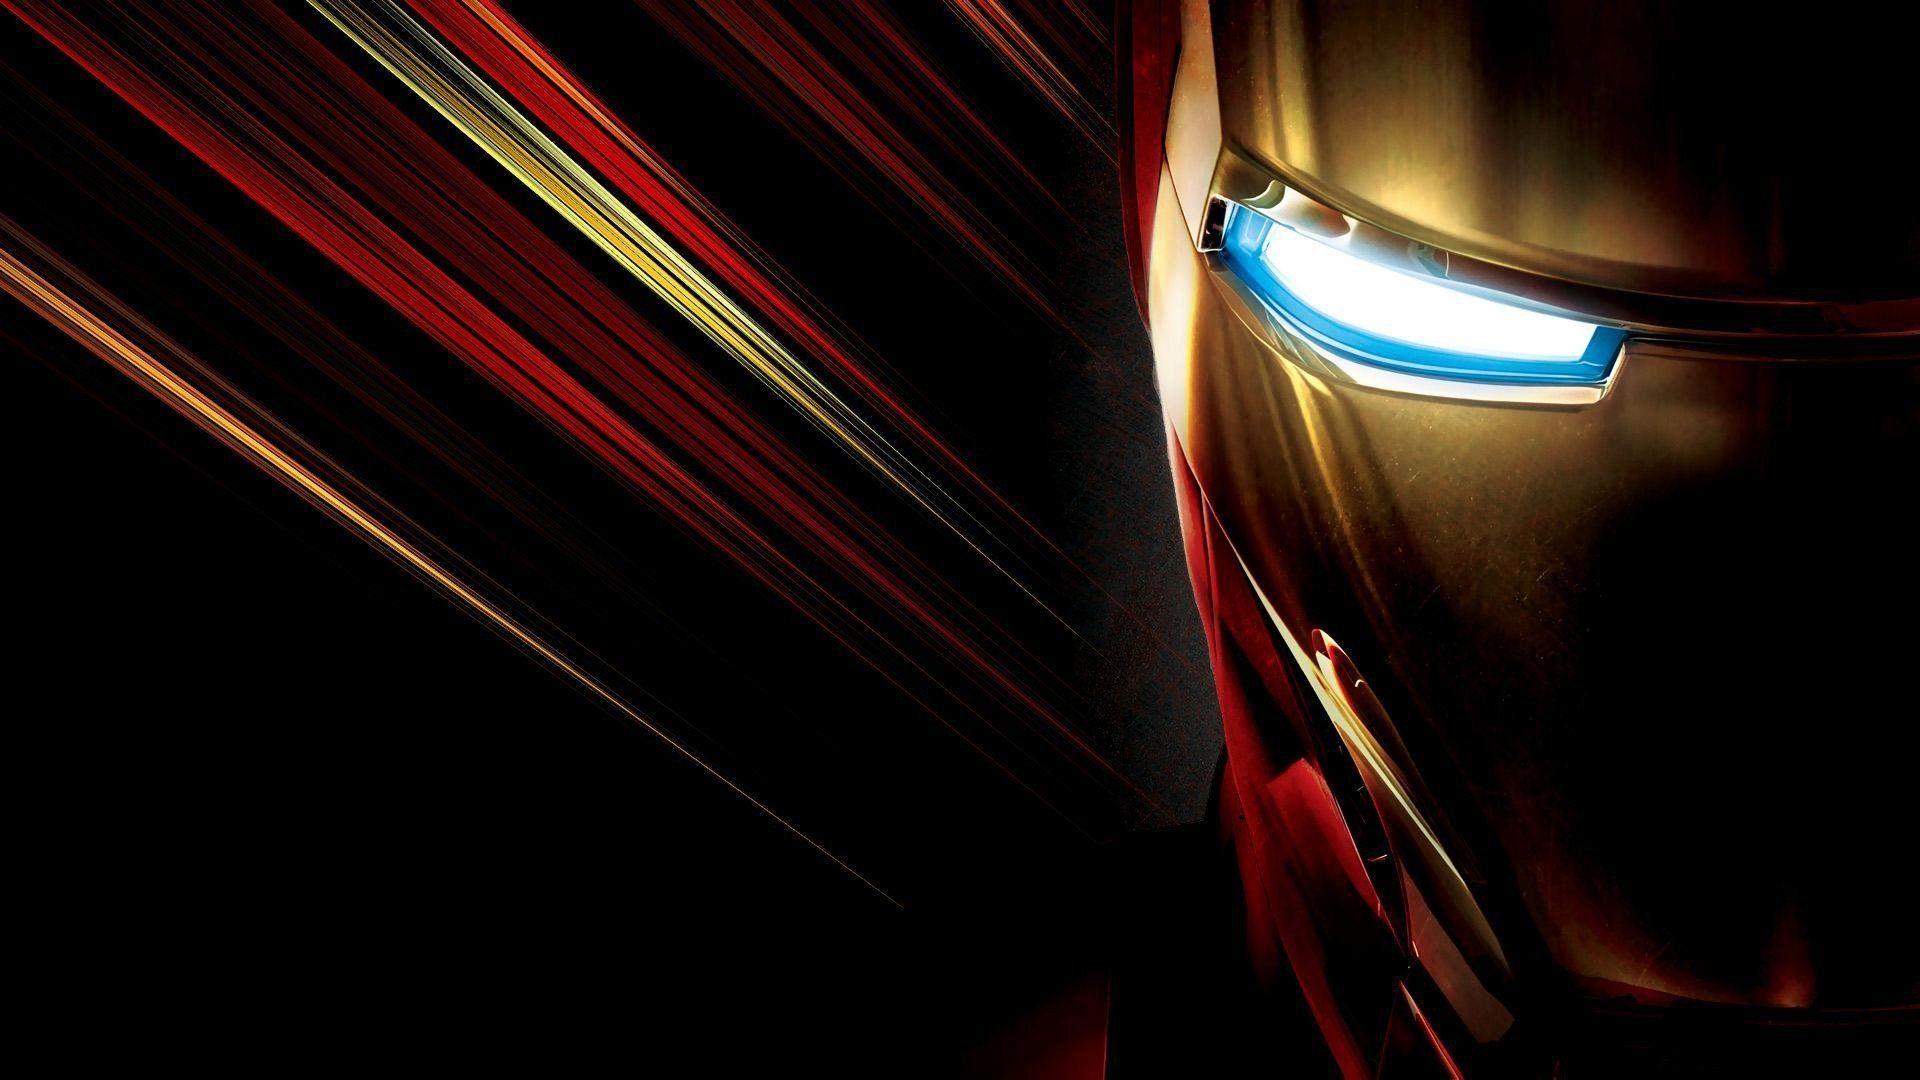 Iron Man 4k Wallpapers Top Free Iron Man 4k Backgrounds Wallpaperaccess Iron Man Wallpaper Iron Man Hd Wallpaper Iron Man